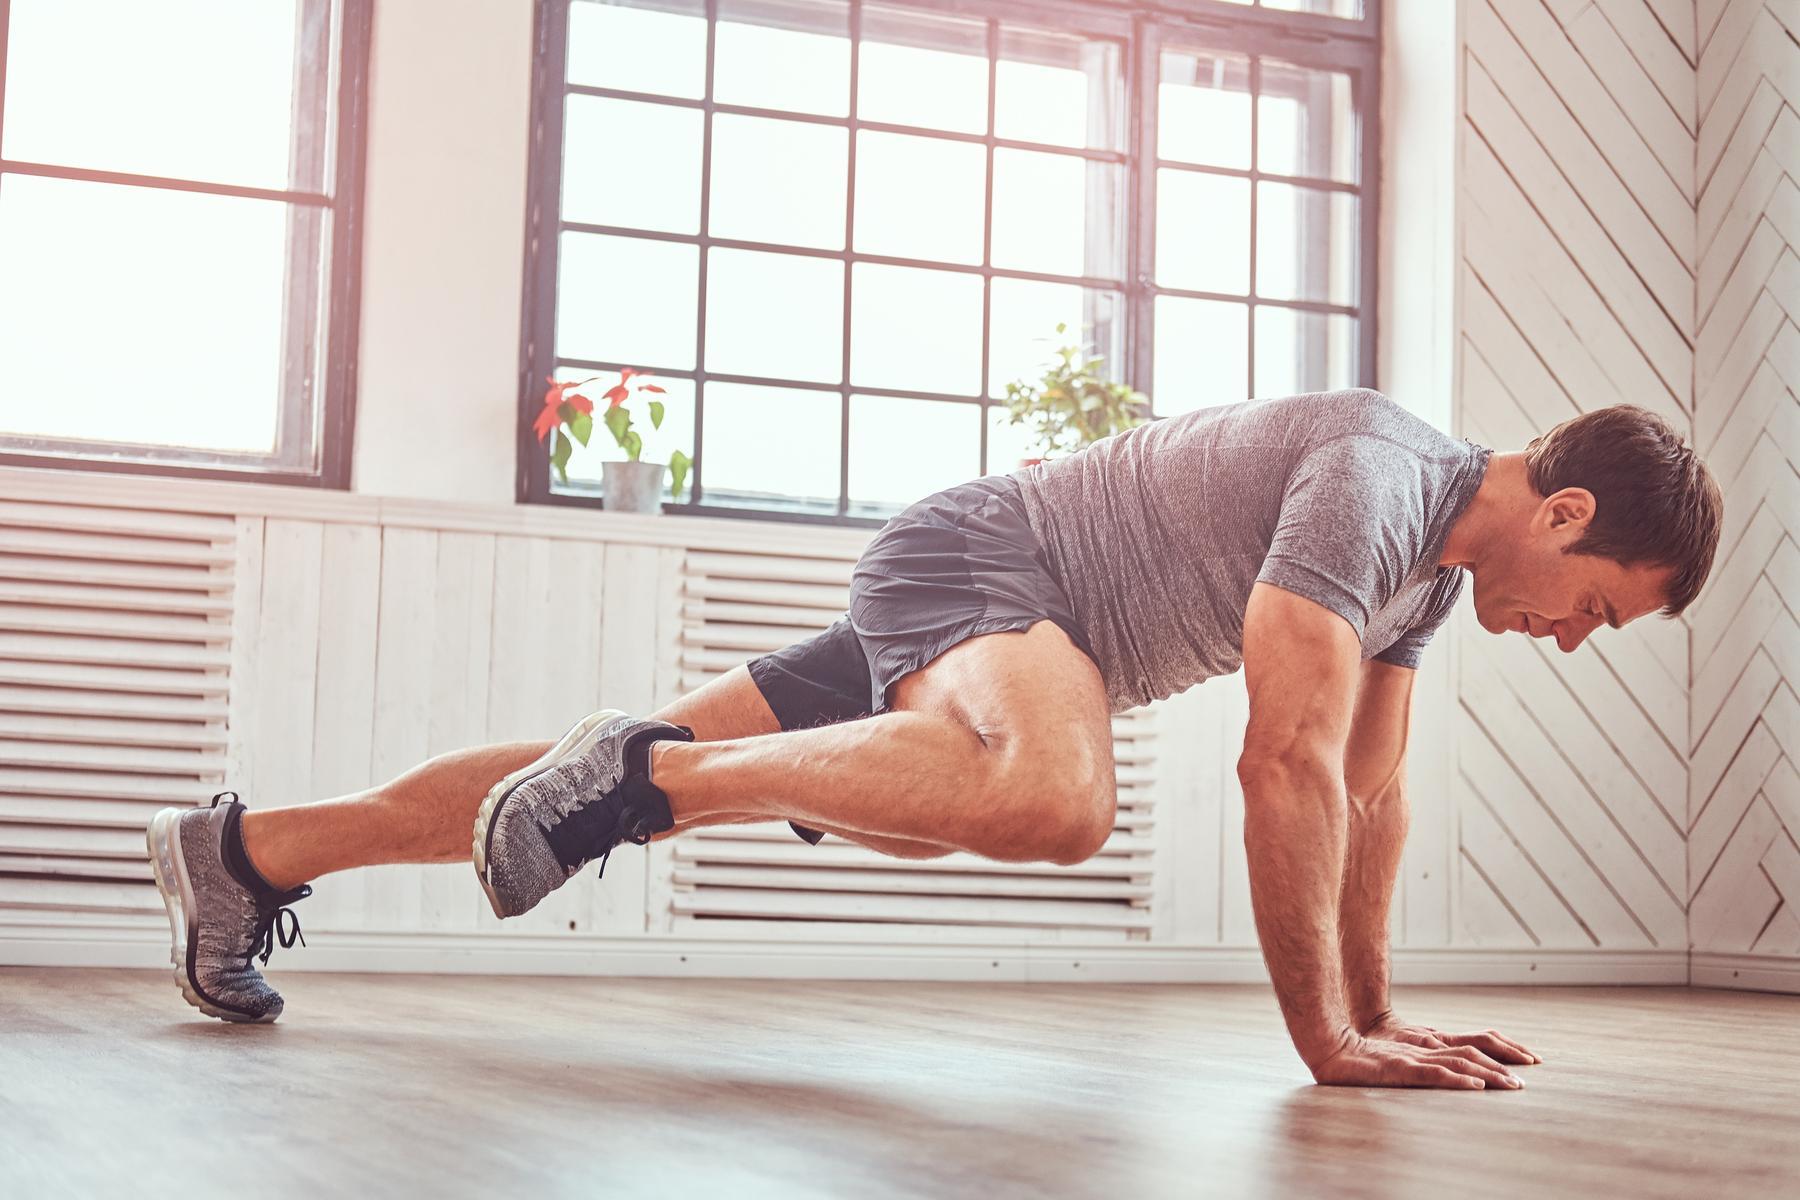 5 Objetivos de Fitness Que Podes Estabelecer Para o Isolamento